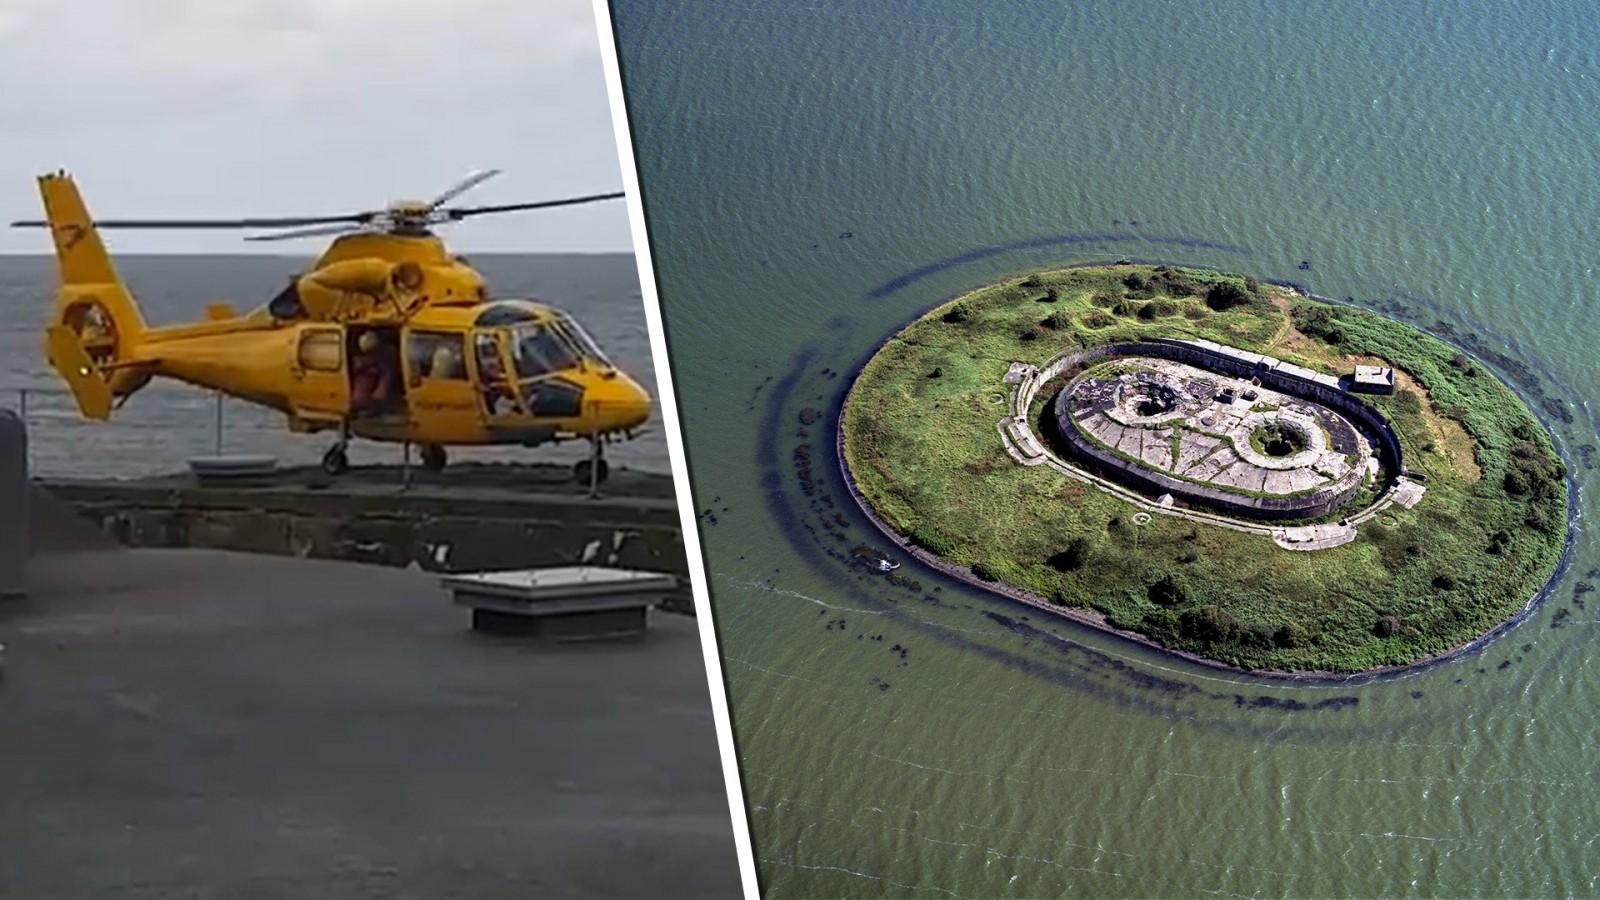 Kanoër slaat om bij forteiland Pampus: met heli naar ziekenhuis in Alkmaar gebracht